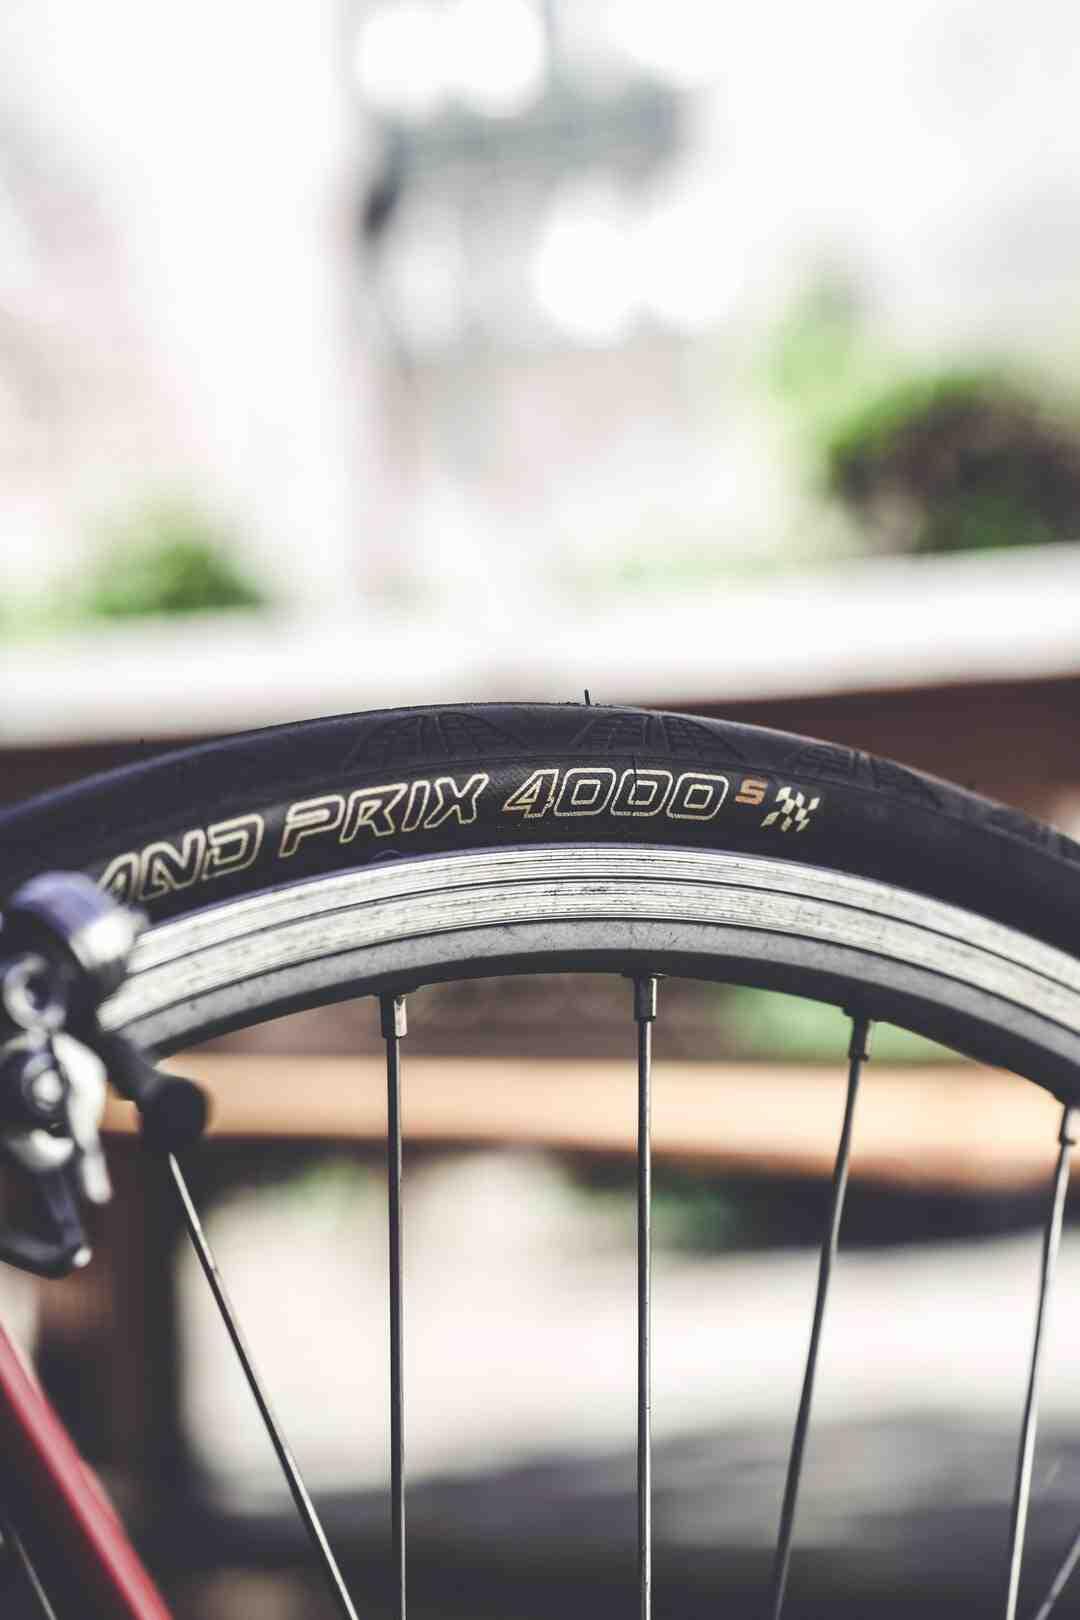 Comment remettre les freins d'un vélo ?